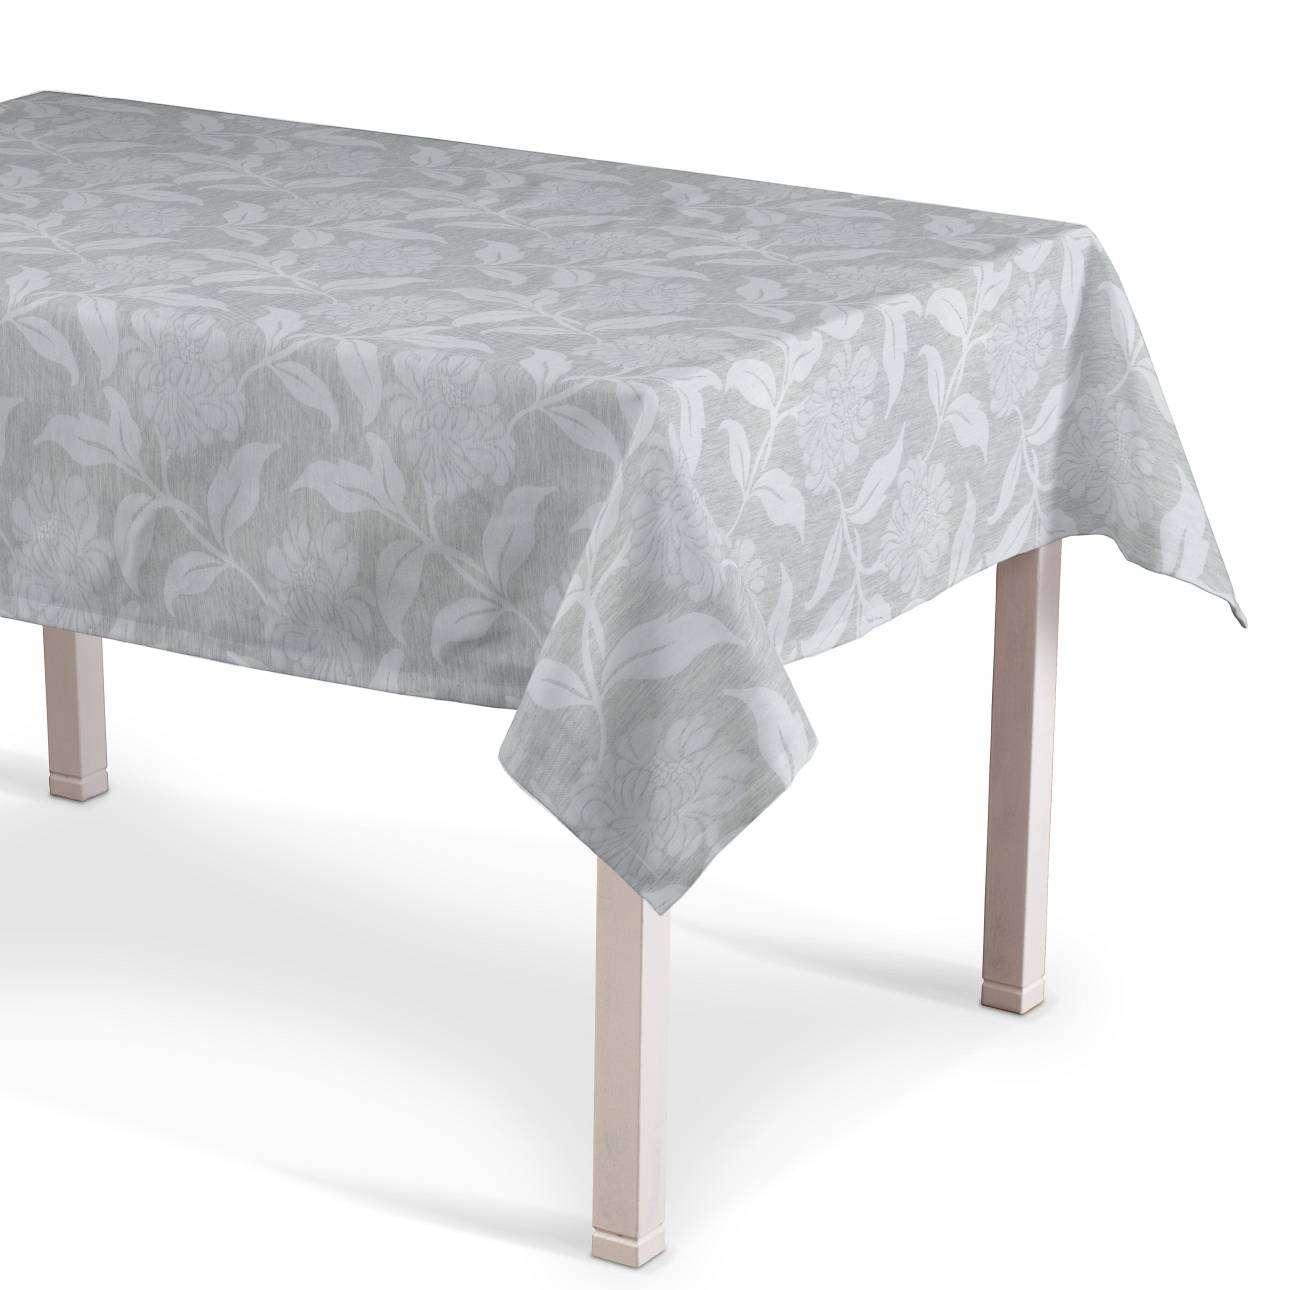 Obrus na stôl obdĺžnikový V kolekcii Venice, tkanina: 140-51